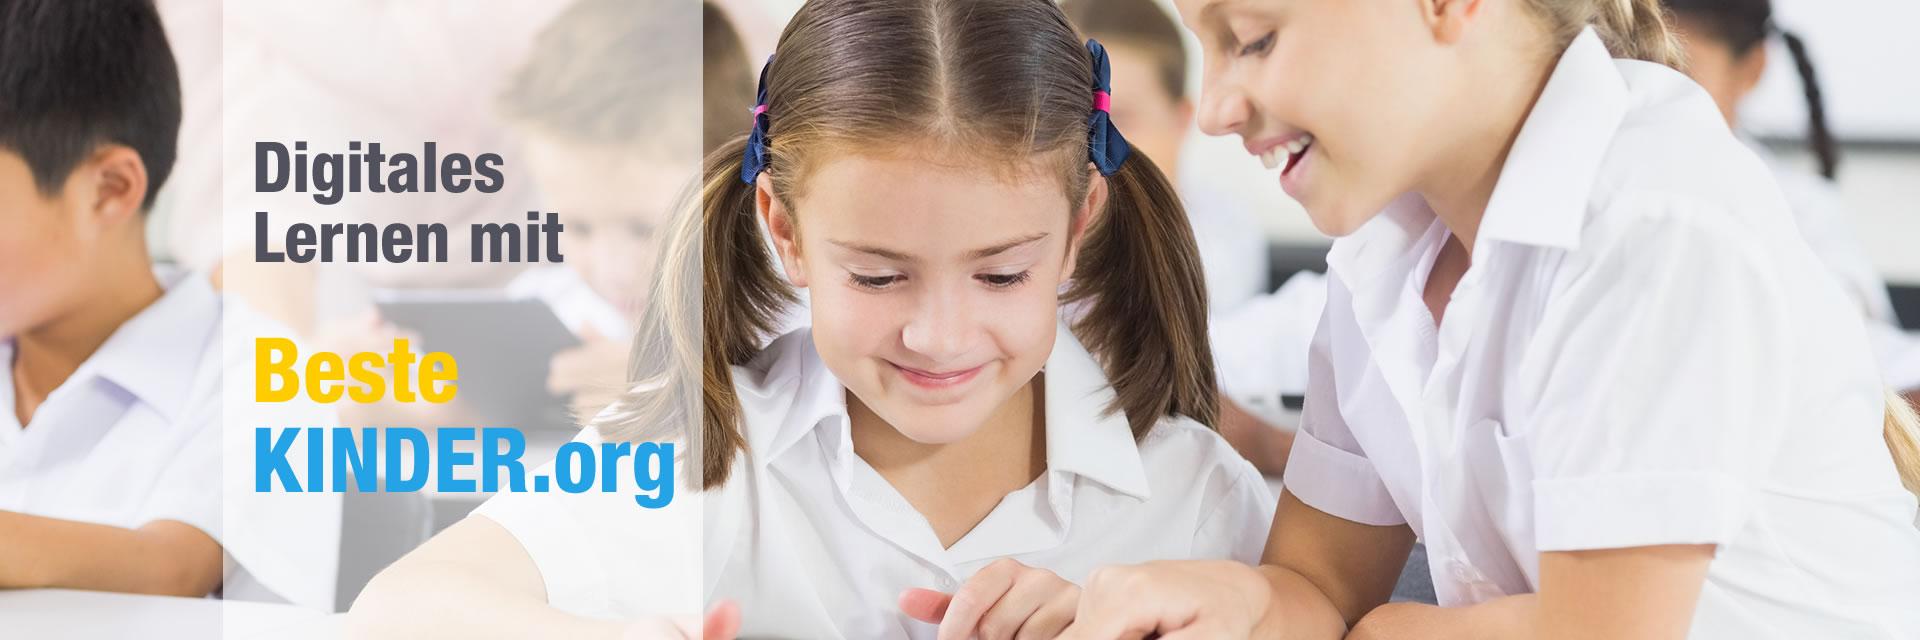 Digitales Lernen mit BesteKINDER.org